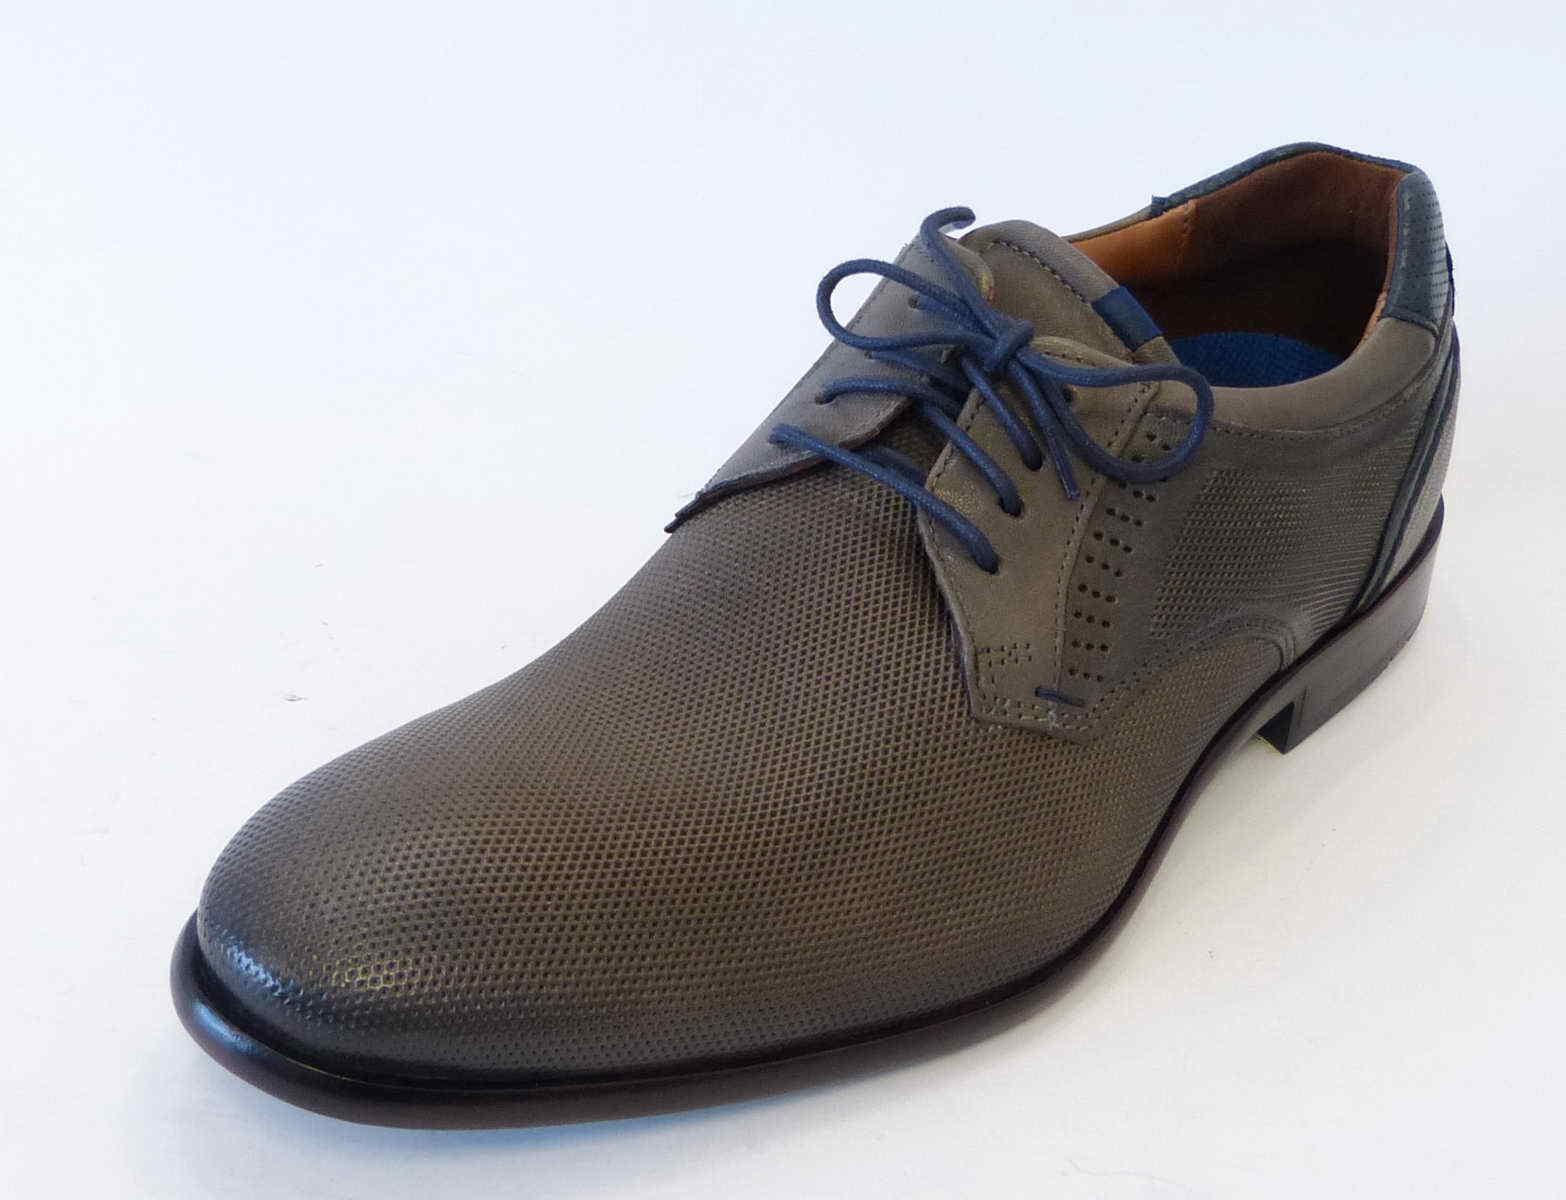 Lloyd Business con cordones 18-220-12 zapato Marshall xmotion grafito gris 18-220-12 cordones cuero 1e8027